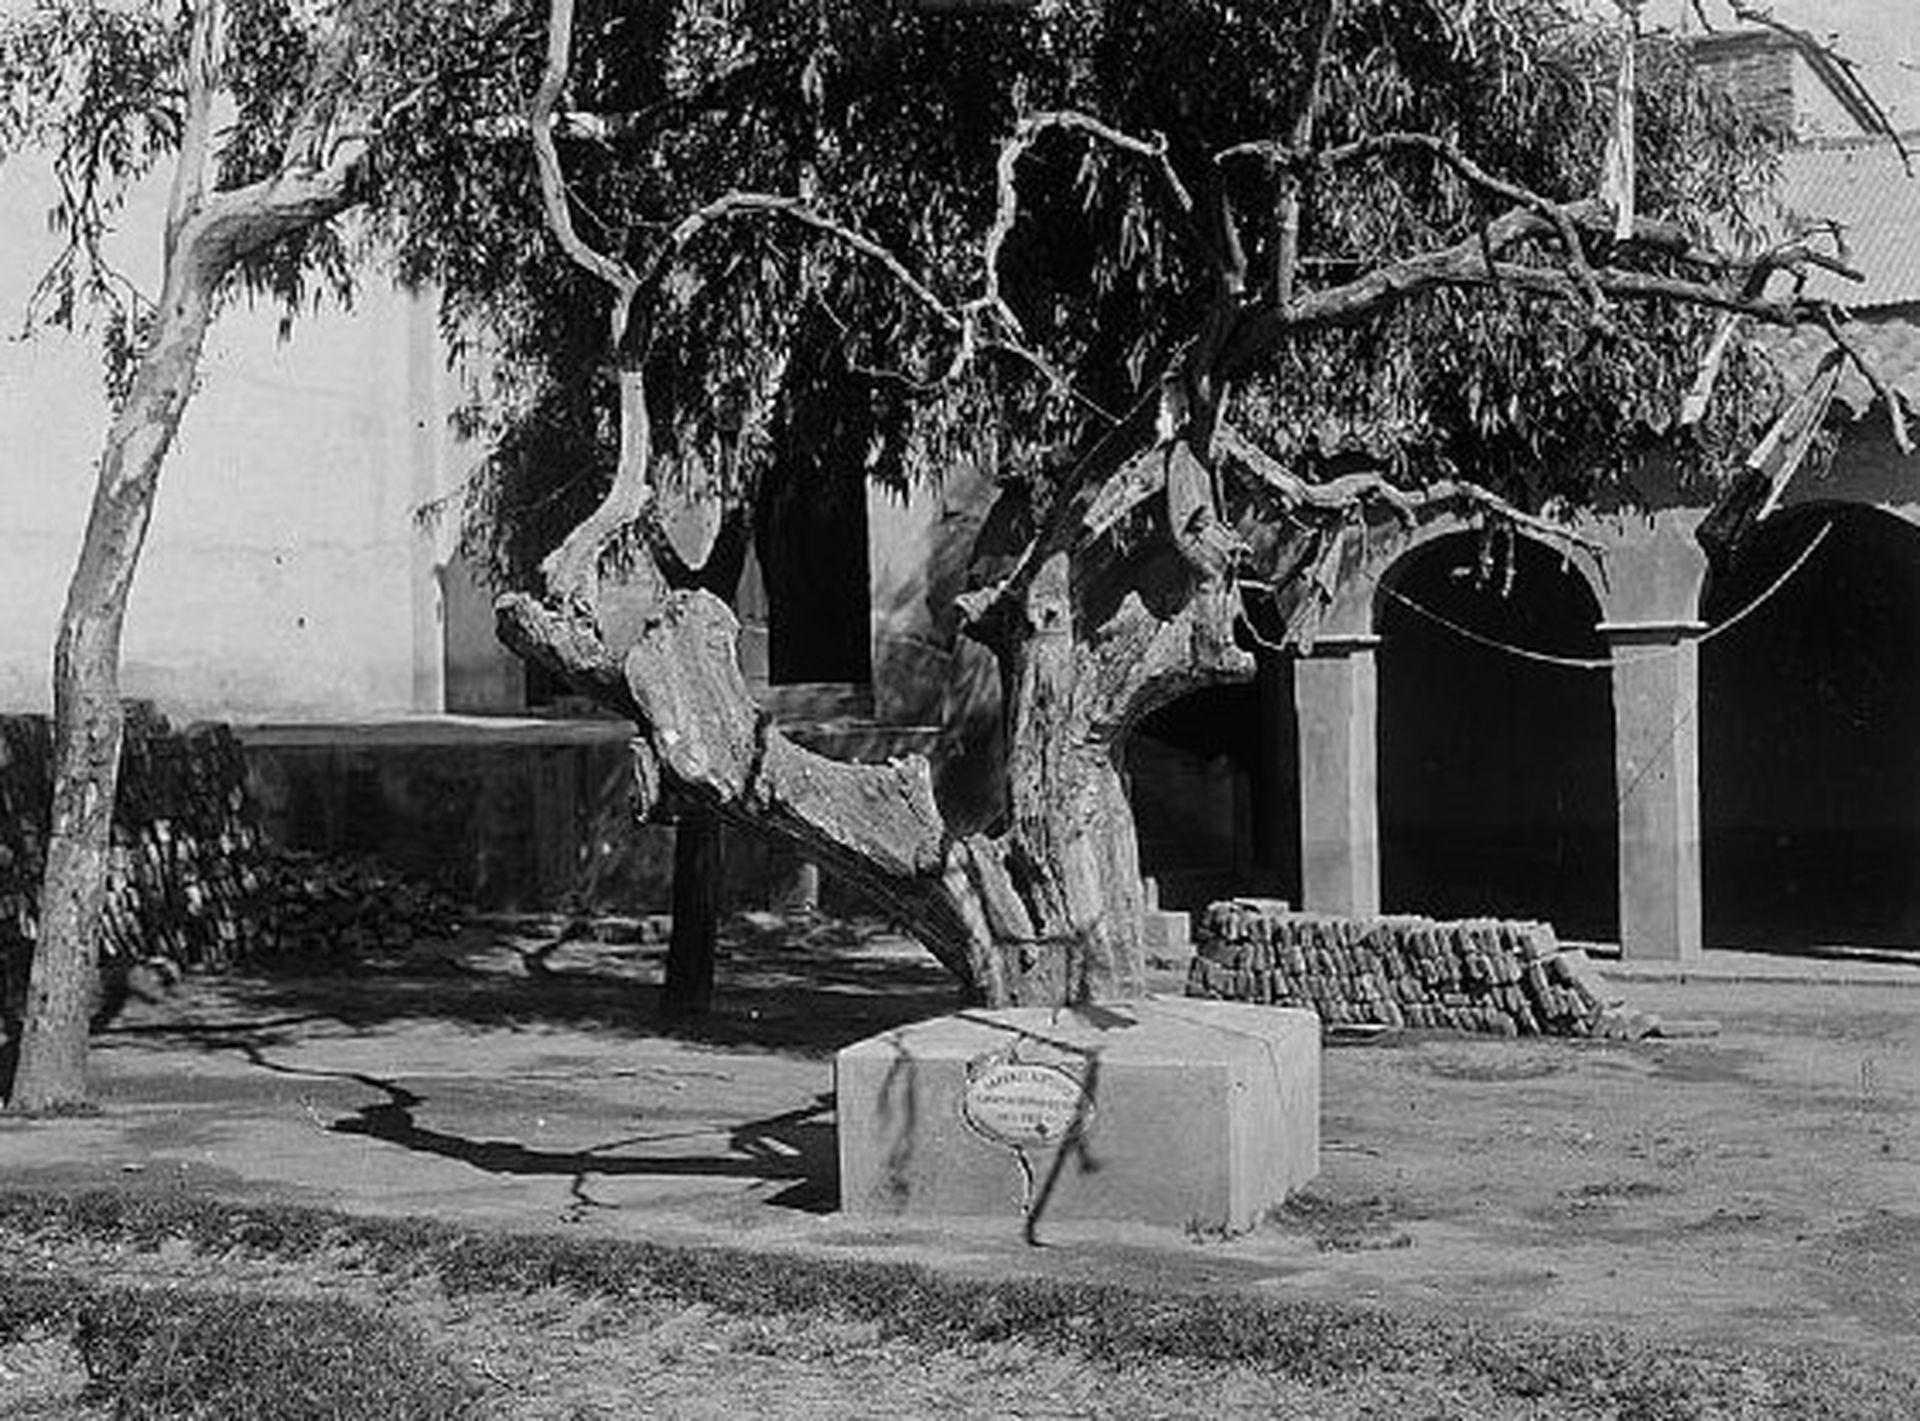 Alrededor de 1935 el  naranjo de San Francisco Solano lucía así en el jardín del convento.  Fuente: Archivo Histórico de la provincia de San Luis.